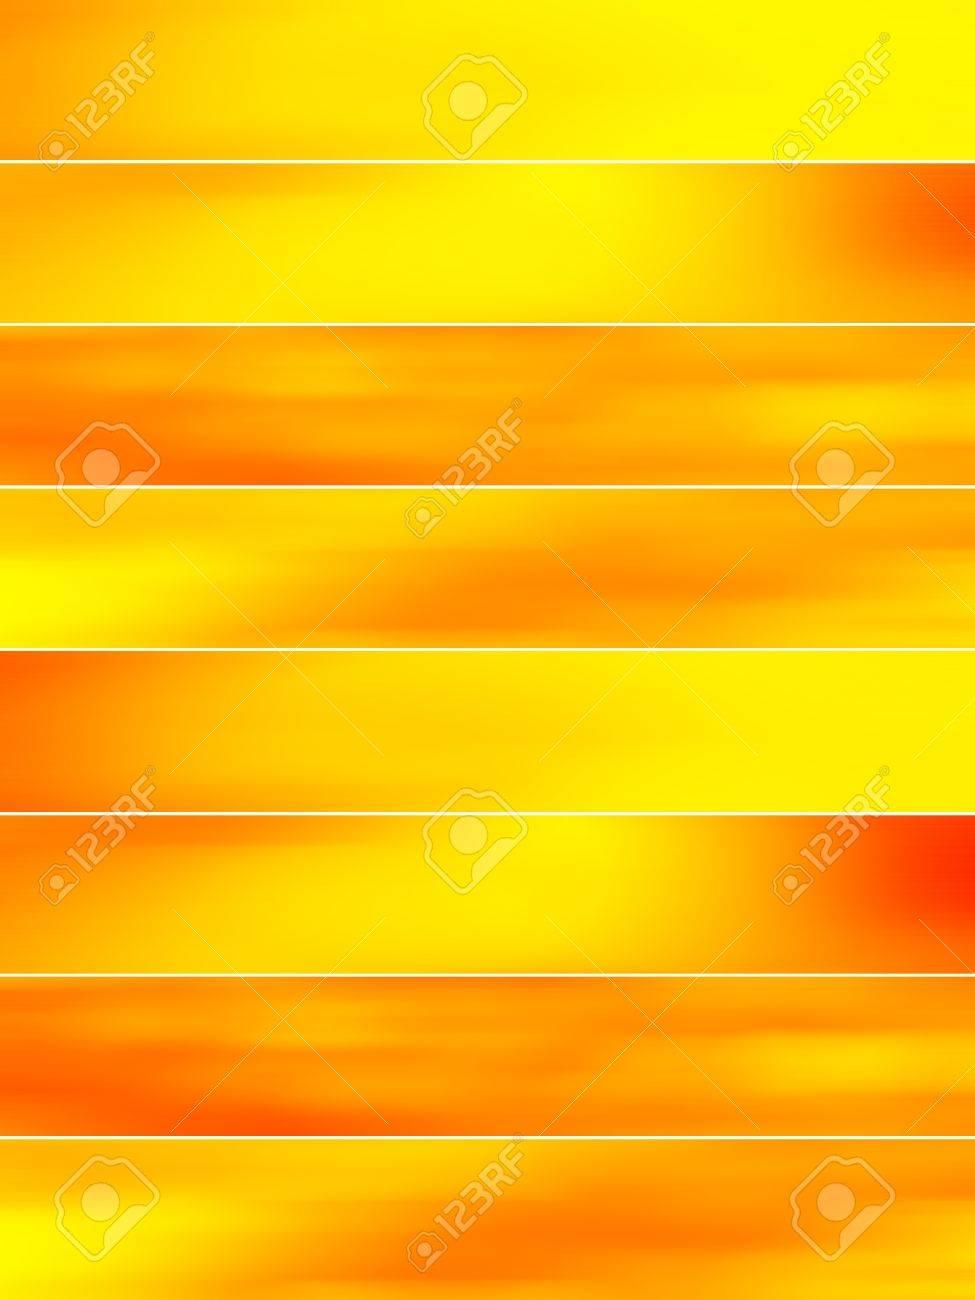 バナーの背景に黄色とオレンジ色のぼかしのライト ロイヤリティーフリー